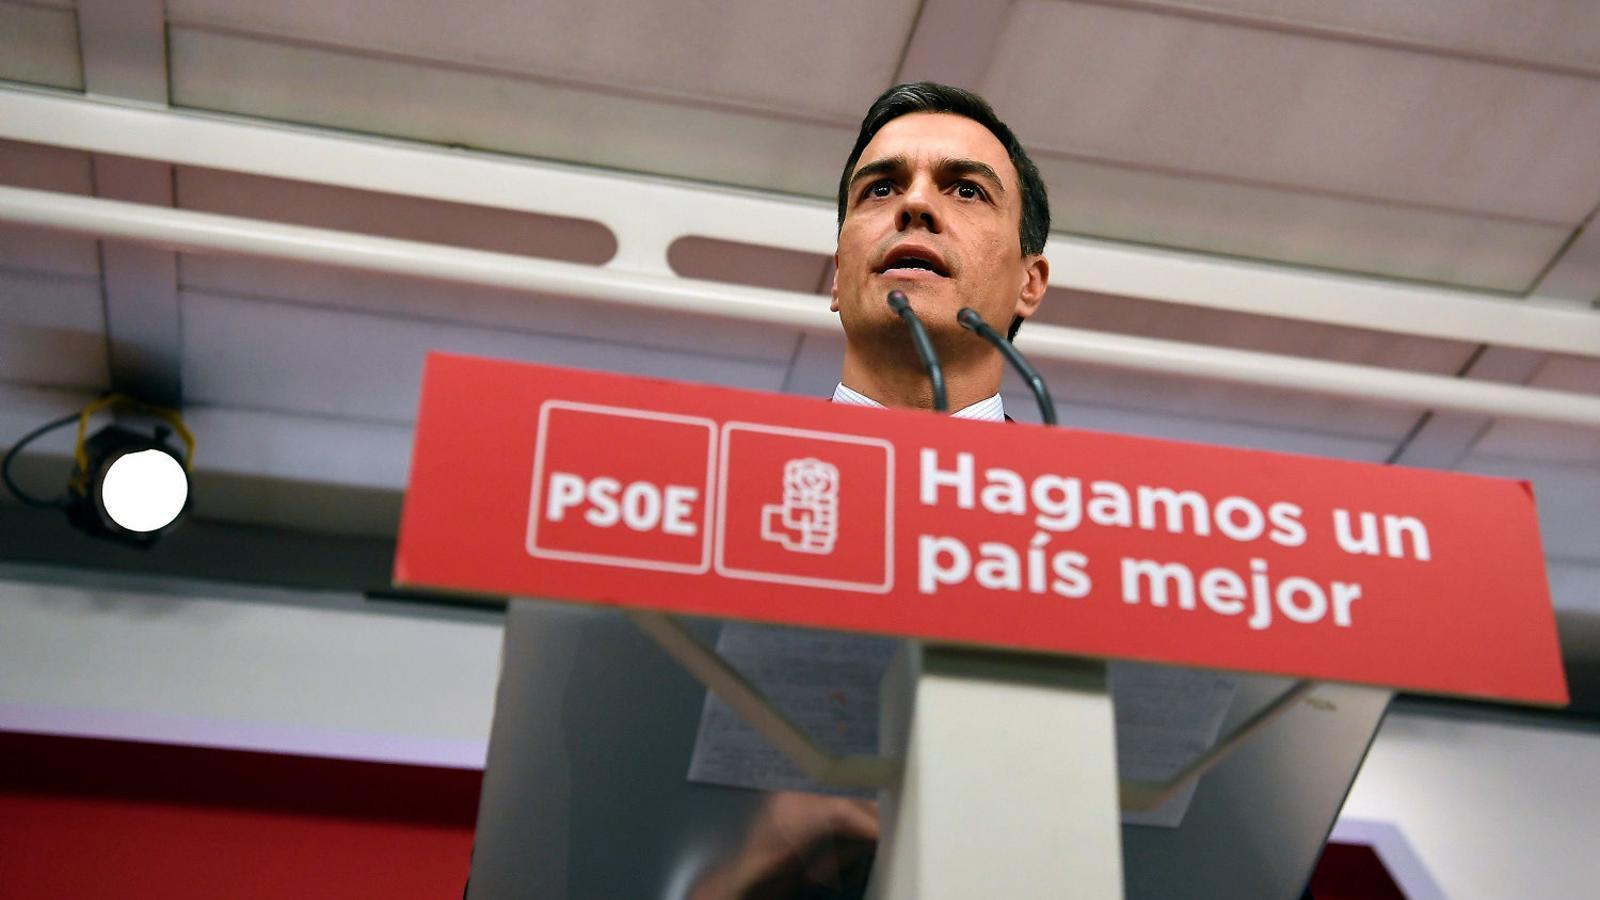 Pedro Sánchez ahir a la seu del PSOE.   A la dreta, Rajoy, que va parlar des de la Moncloa.